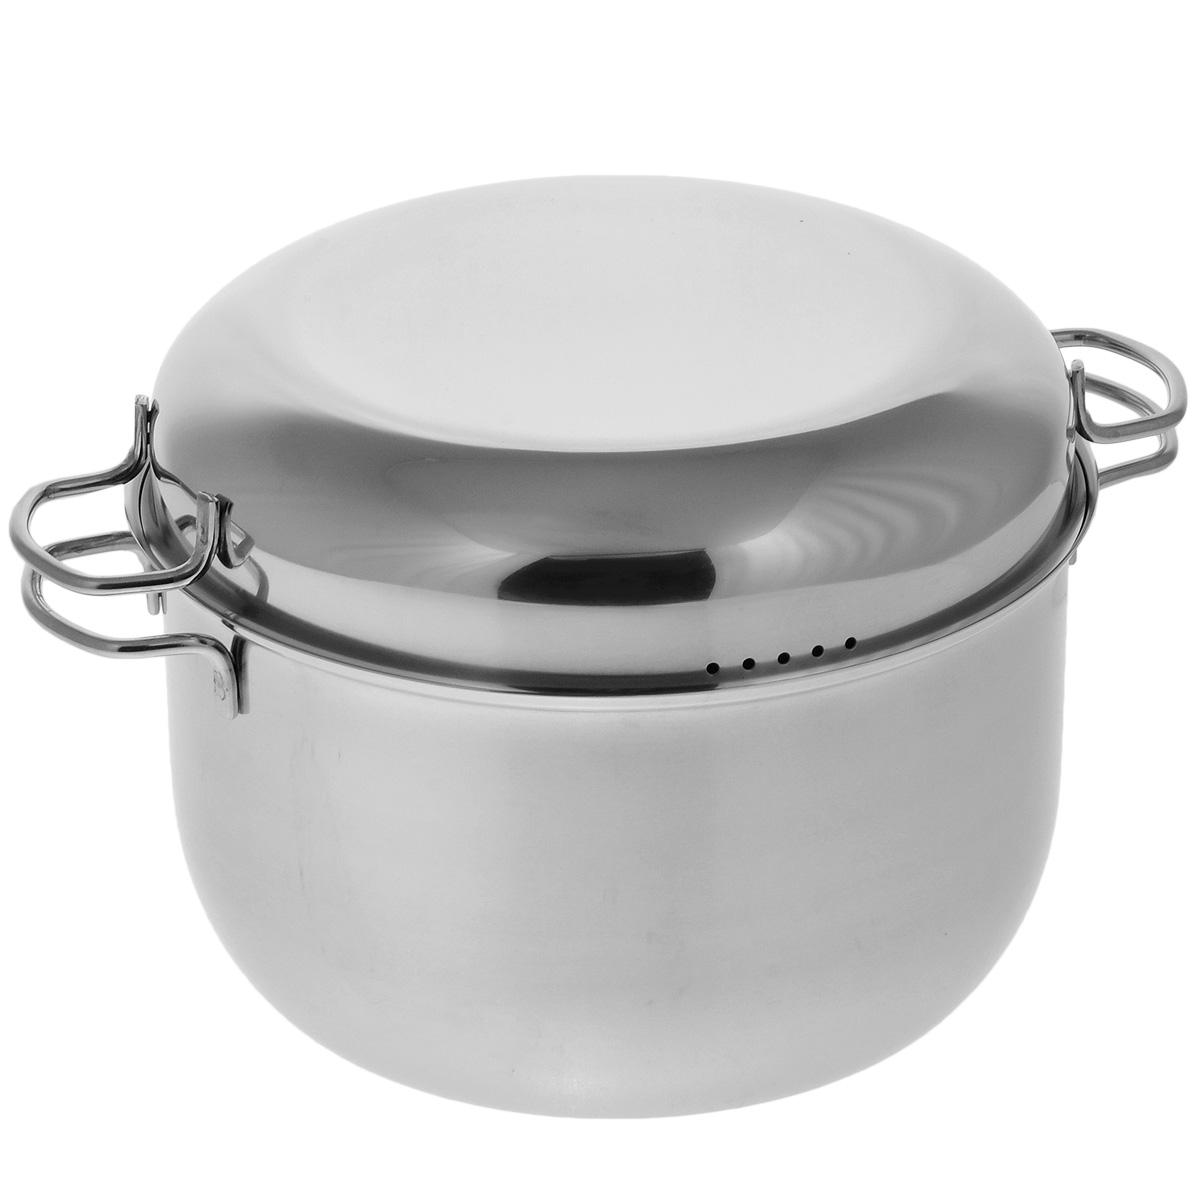 Мантоварка АМЕТ Классика с крышкой, 3 яруса, 7 л1с916Мантоварка АМЕТ Классика предназначена для приготовления диетических блюд на пару, в частности - мантов. Изделие гигиенично и безопасно для здоровья. Нержавеющая сталь обладает малой теплопроводностью, поэтому посуда из нее остывает гораздо медленнее, чем любой другой вид посуды, а значит, приготовленное в ней более длительное время остается горячим. Мантоварка укомплектована тремя решетками с ручками из нержавеющей стали на ножках и крышкой. Крышка плотно прилегает к краю мантоварки, сохраняя аромат блюд. Крышка оснащена двумя удобными ручками и отверстиями для выпуска пара. Подходит для газовых и электрических плит. Можно мыть в посудомоечной машине. Высота стенки: 15,5 см. Толщина стенки: 0,3 см. Толщина дна: 0,3 см. Ширина с учетом ручек: 34,5 см. Диаметр решетки: 25 см. Высота мантоварки (с учетом крышки): 21 см.